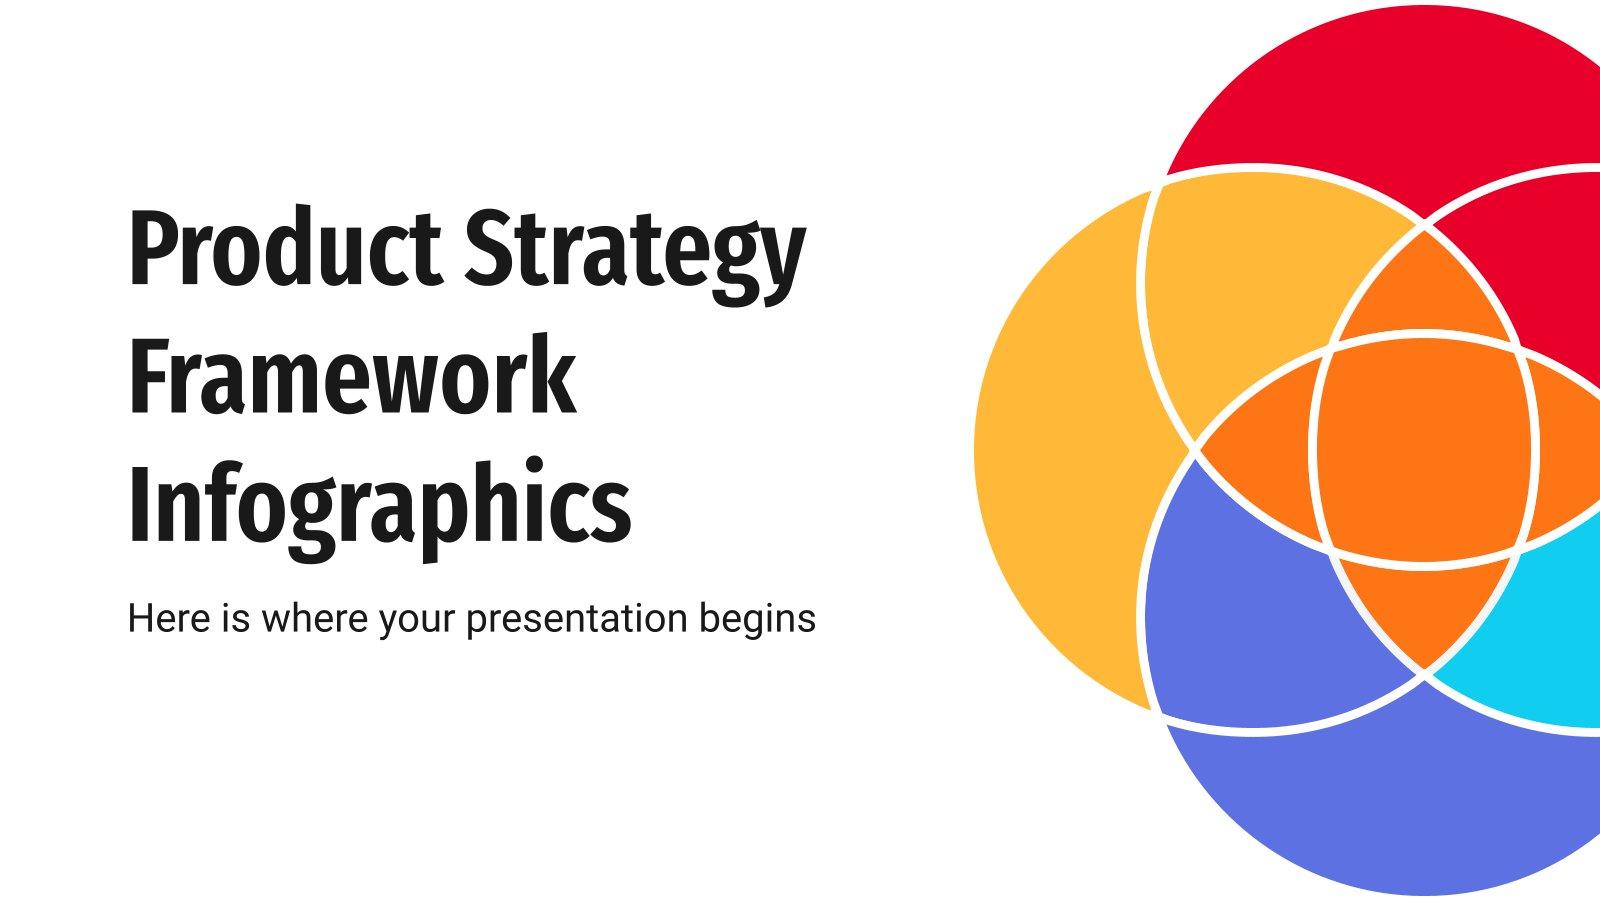 Modelo de apresentação Infográficos da estrutura de estratégia de produto